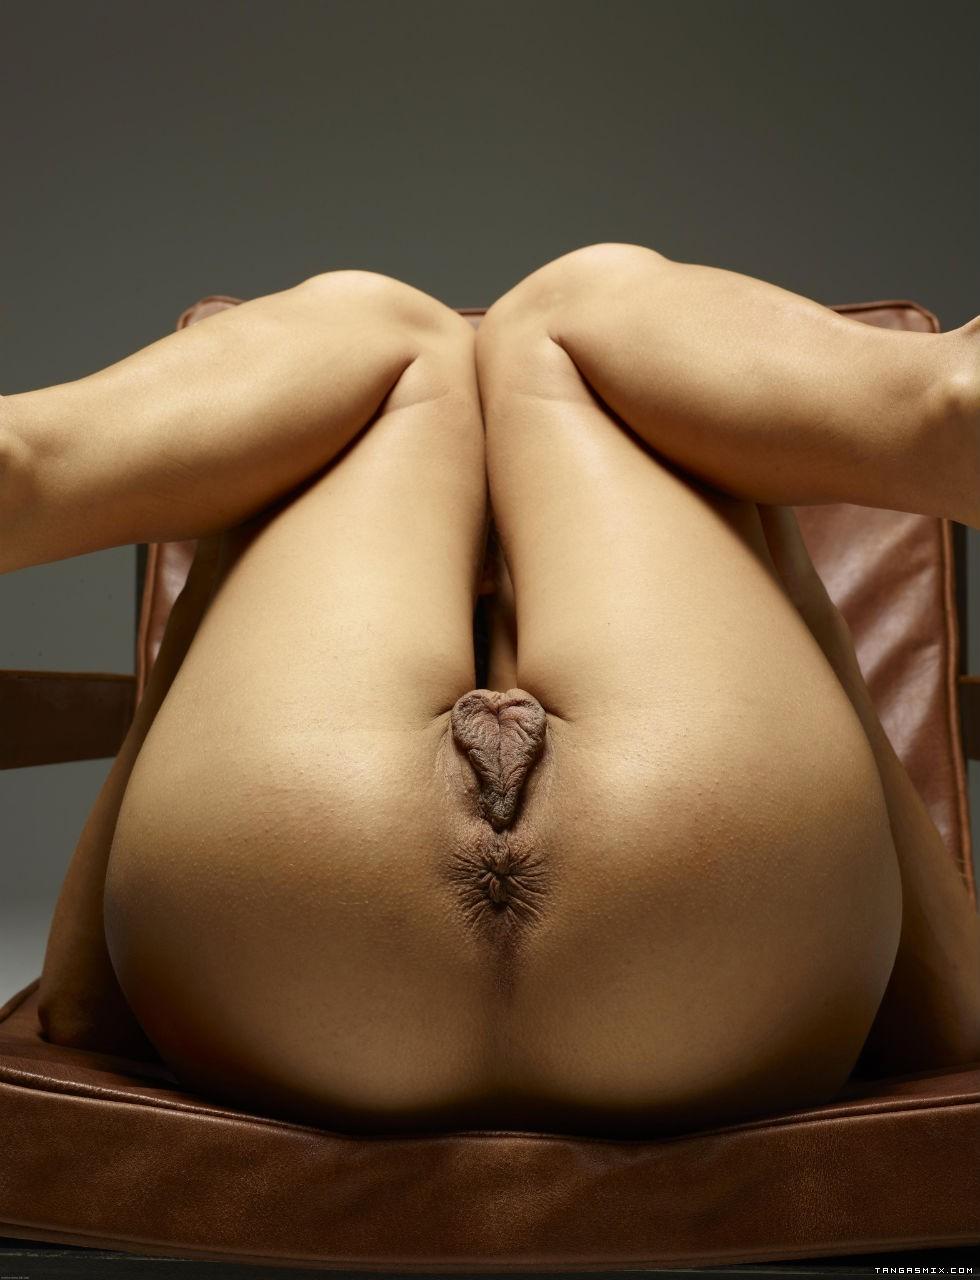 Смотреть фото крупным планом женских половых органов 13 фотография